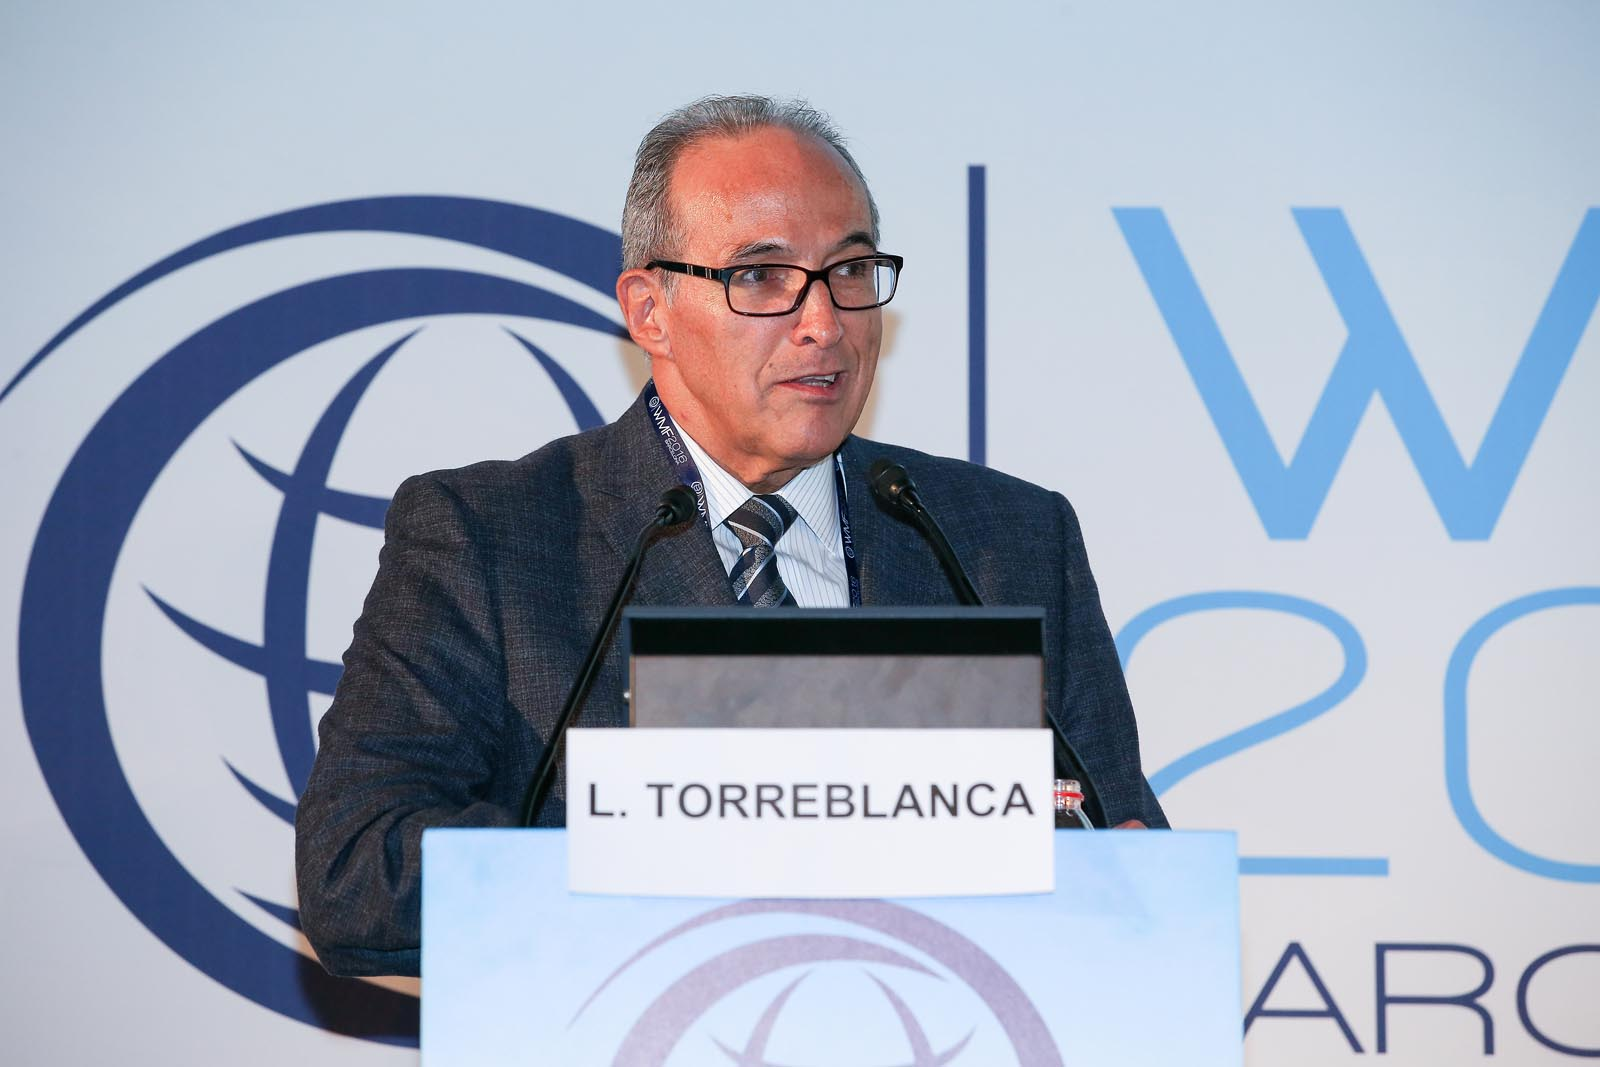 Luis Torreblanca